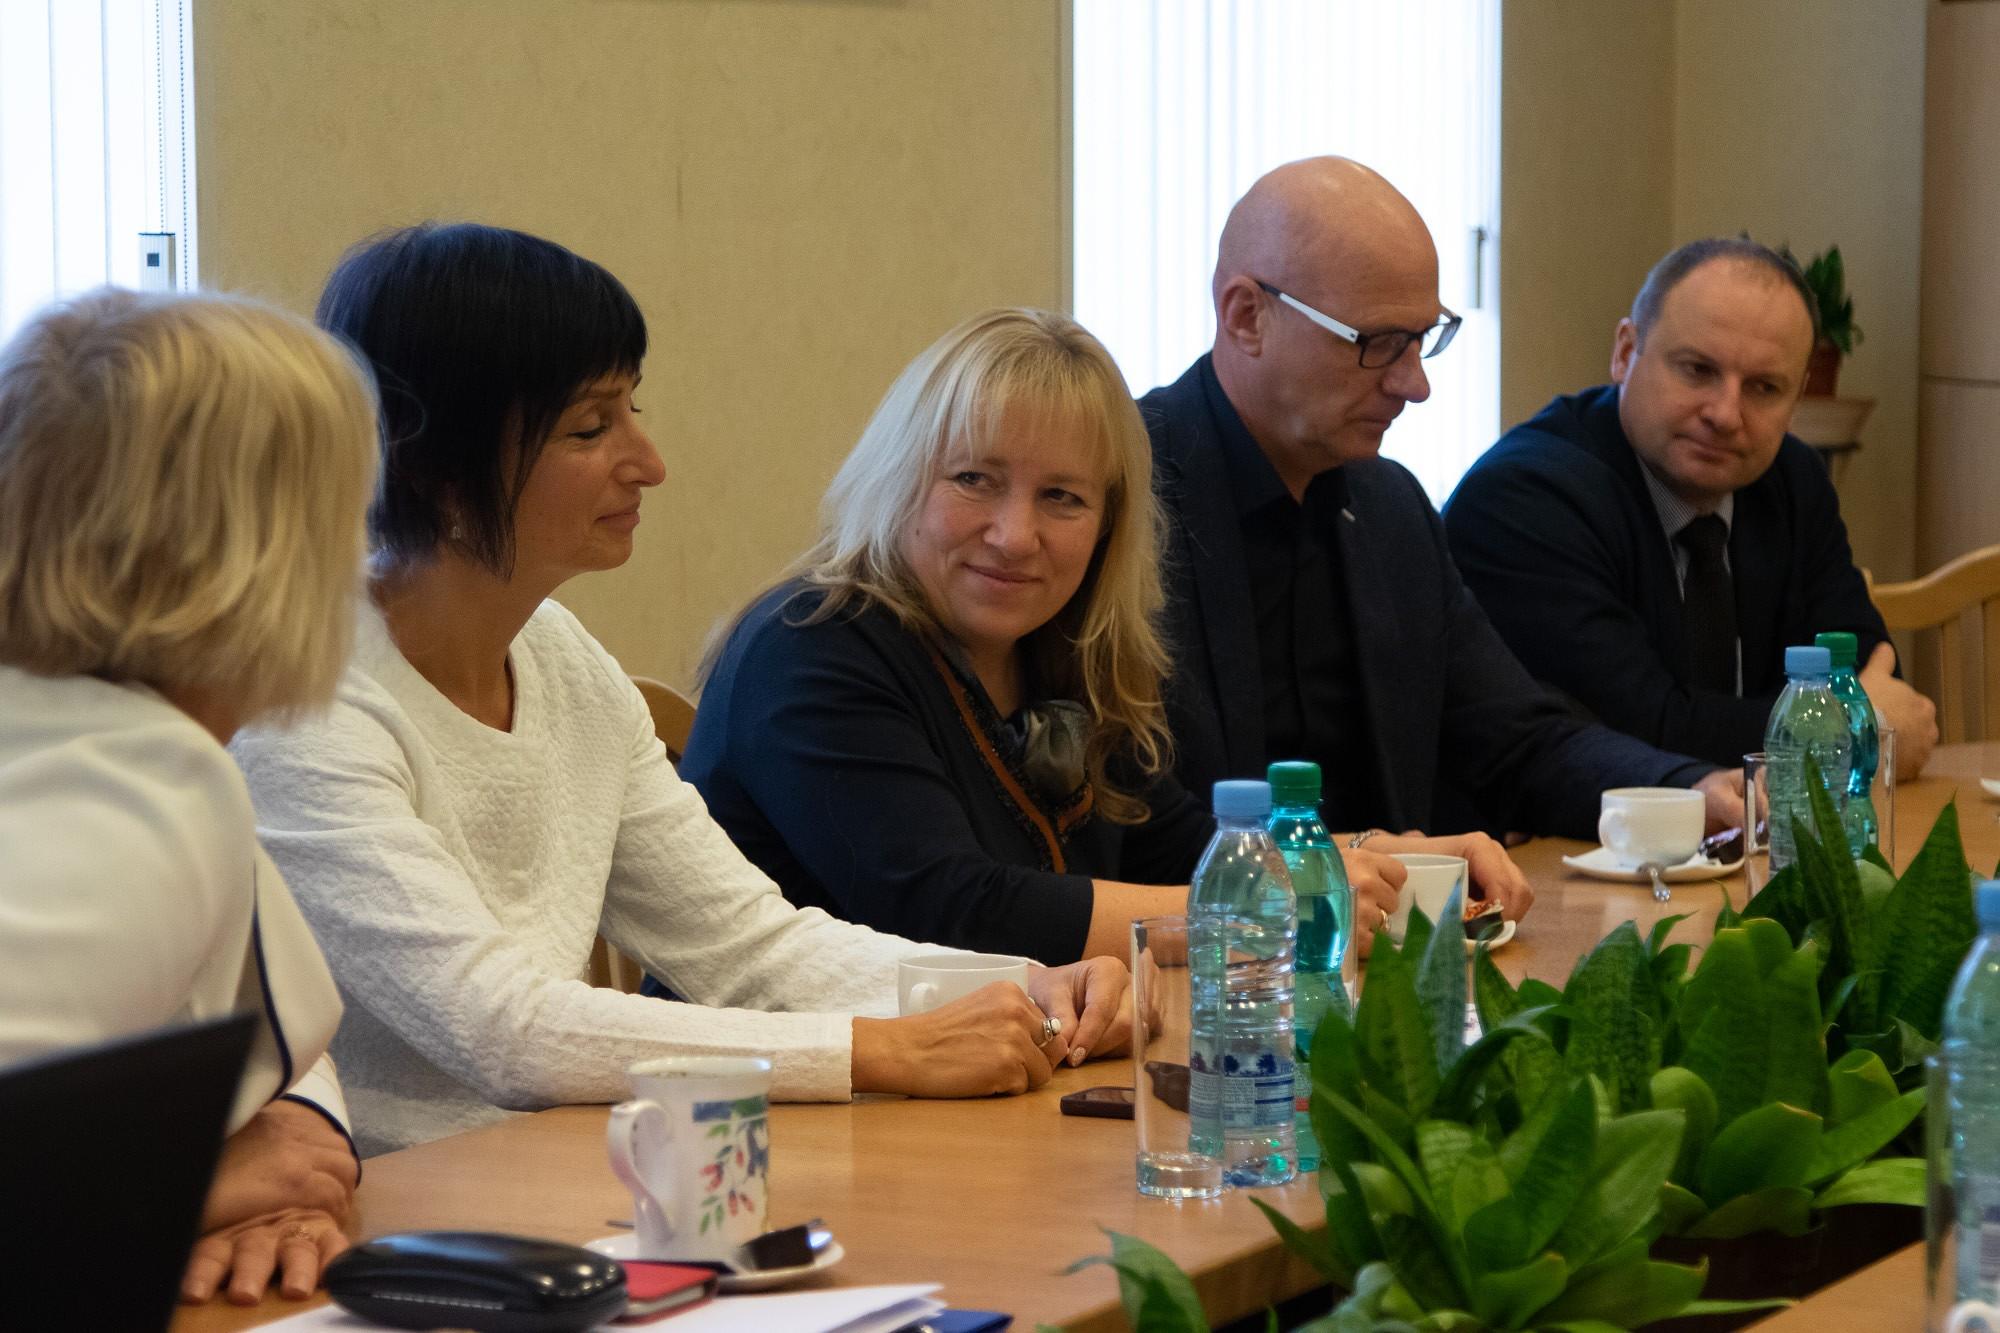 Liepājas Universitātes un LSPA vadība runā par kopēju programmu veidošanu